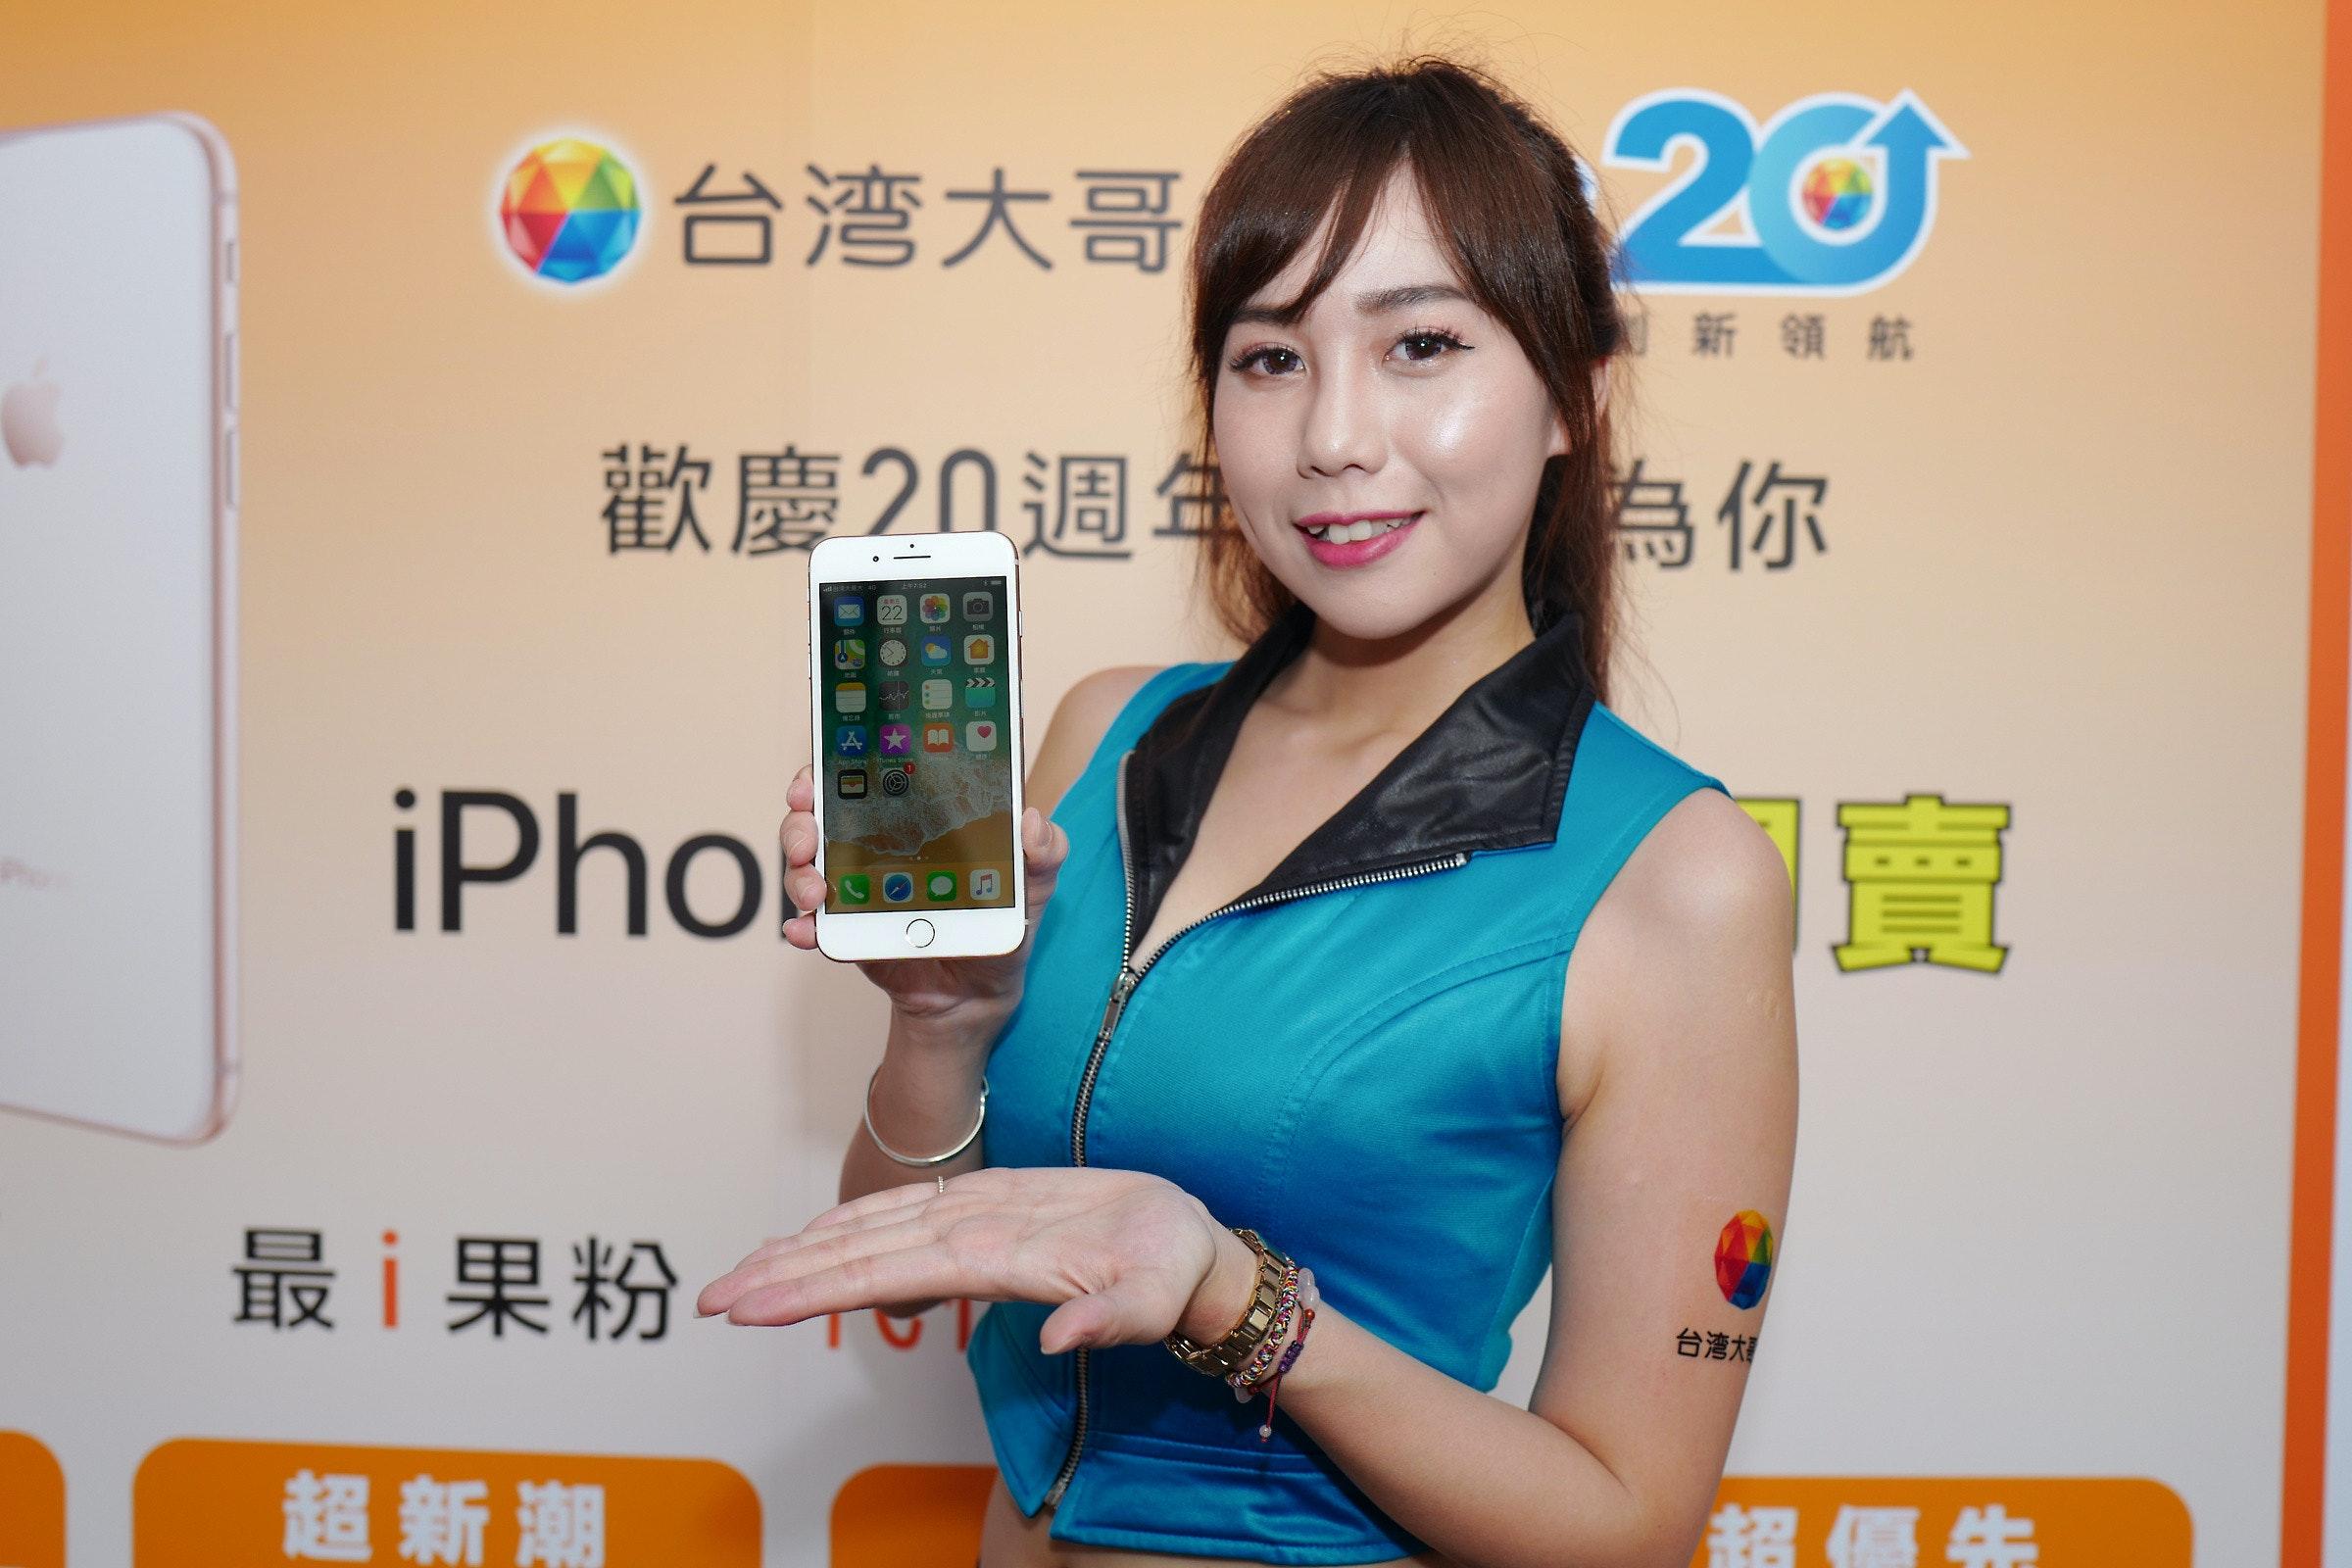 是台灣大哥大 iPhone 8 開賣!與小編一同直擊「代代迎新」專案與各項申辦優惠這篇文章的首圖